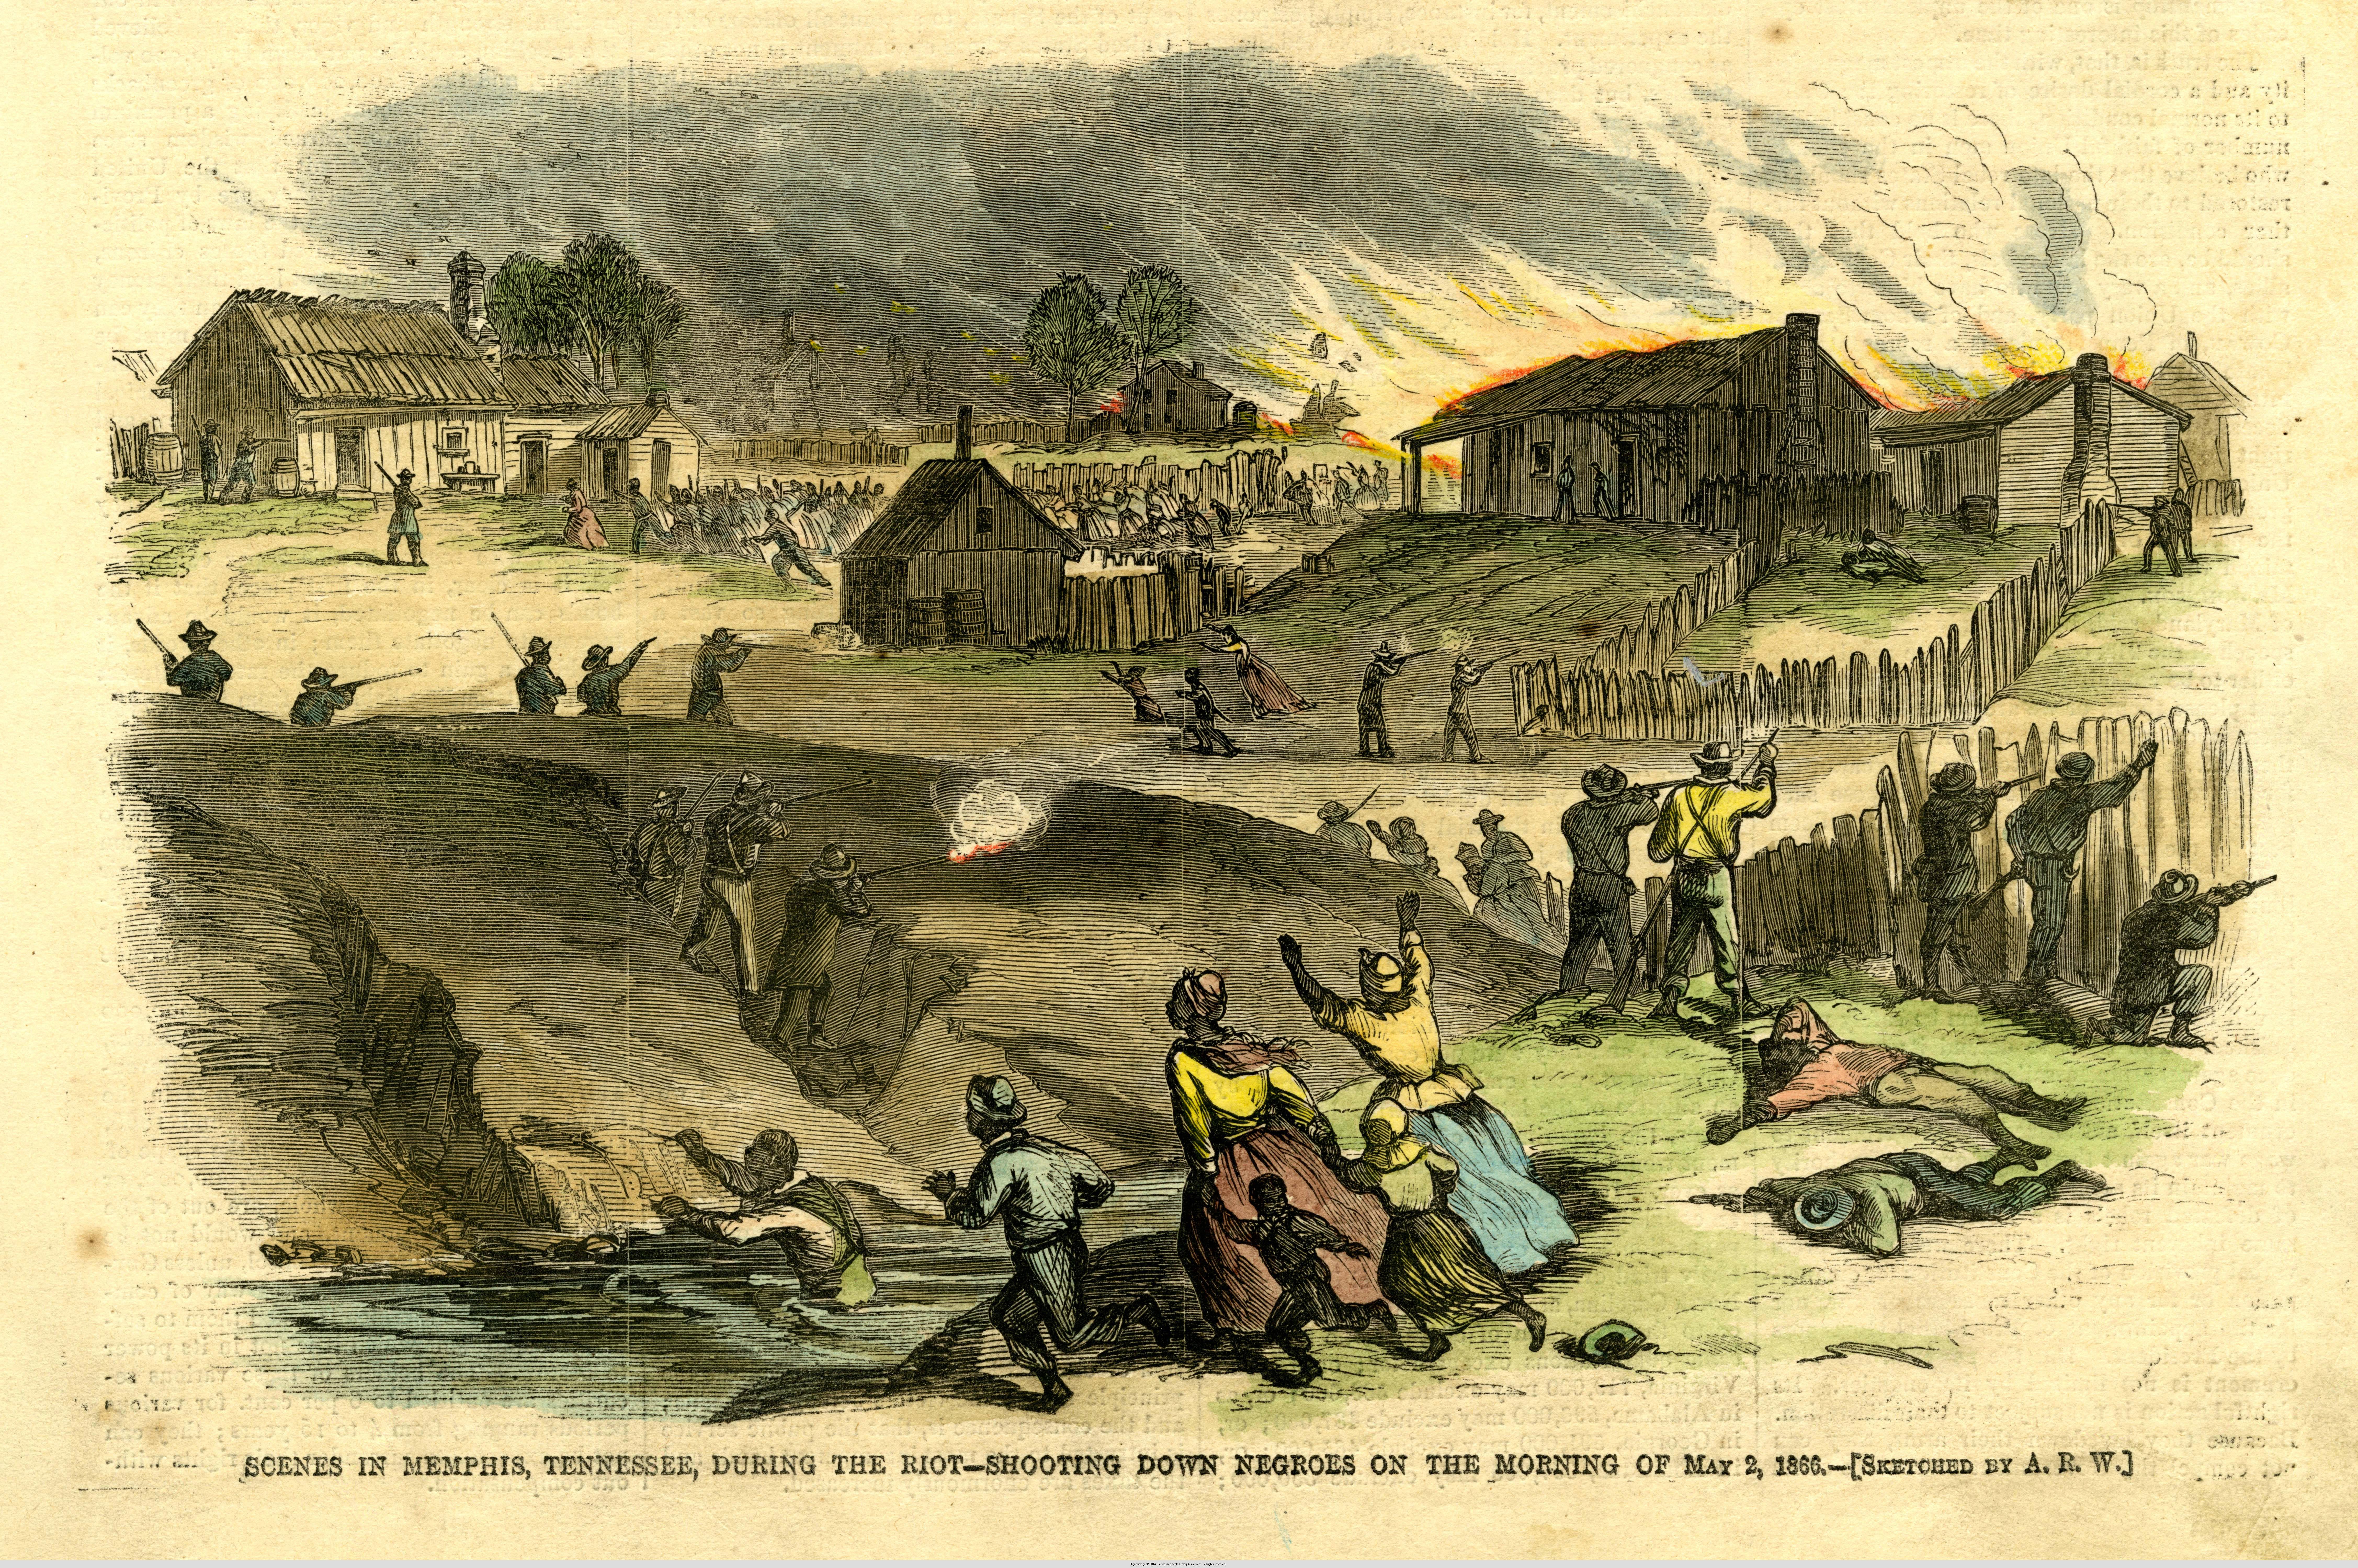 Reconstruction Understanding Today's Racial Tensions